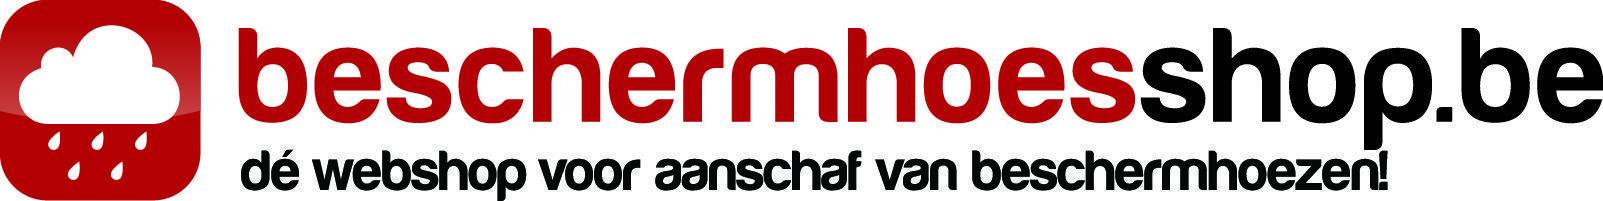 Logo Beschermhoesshop.be